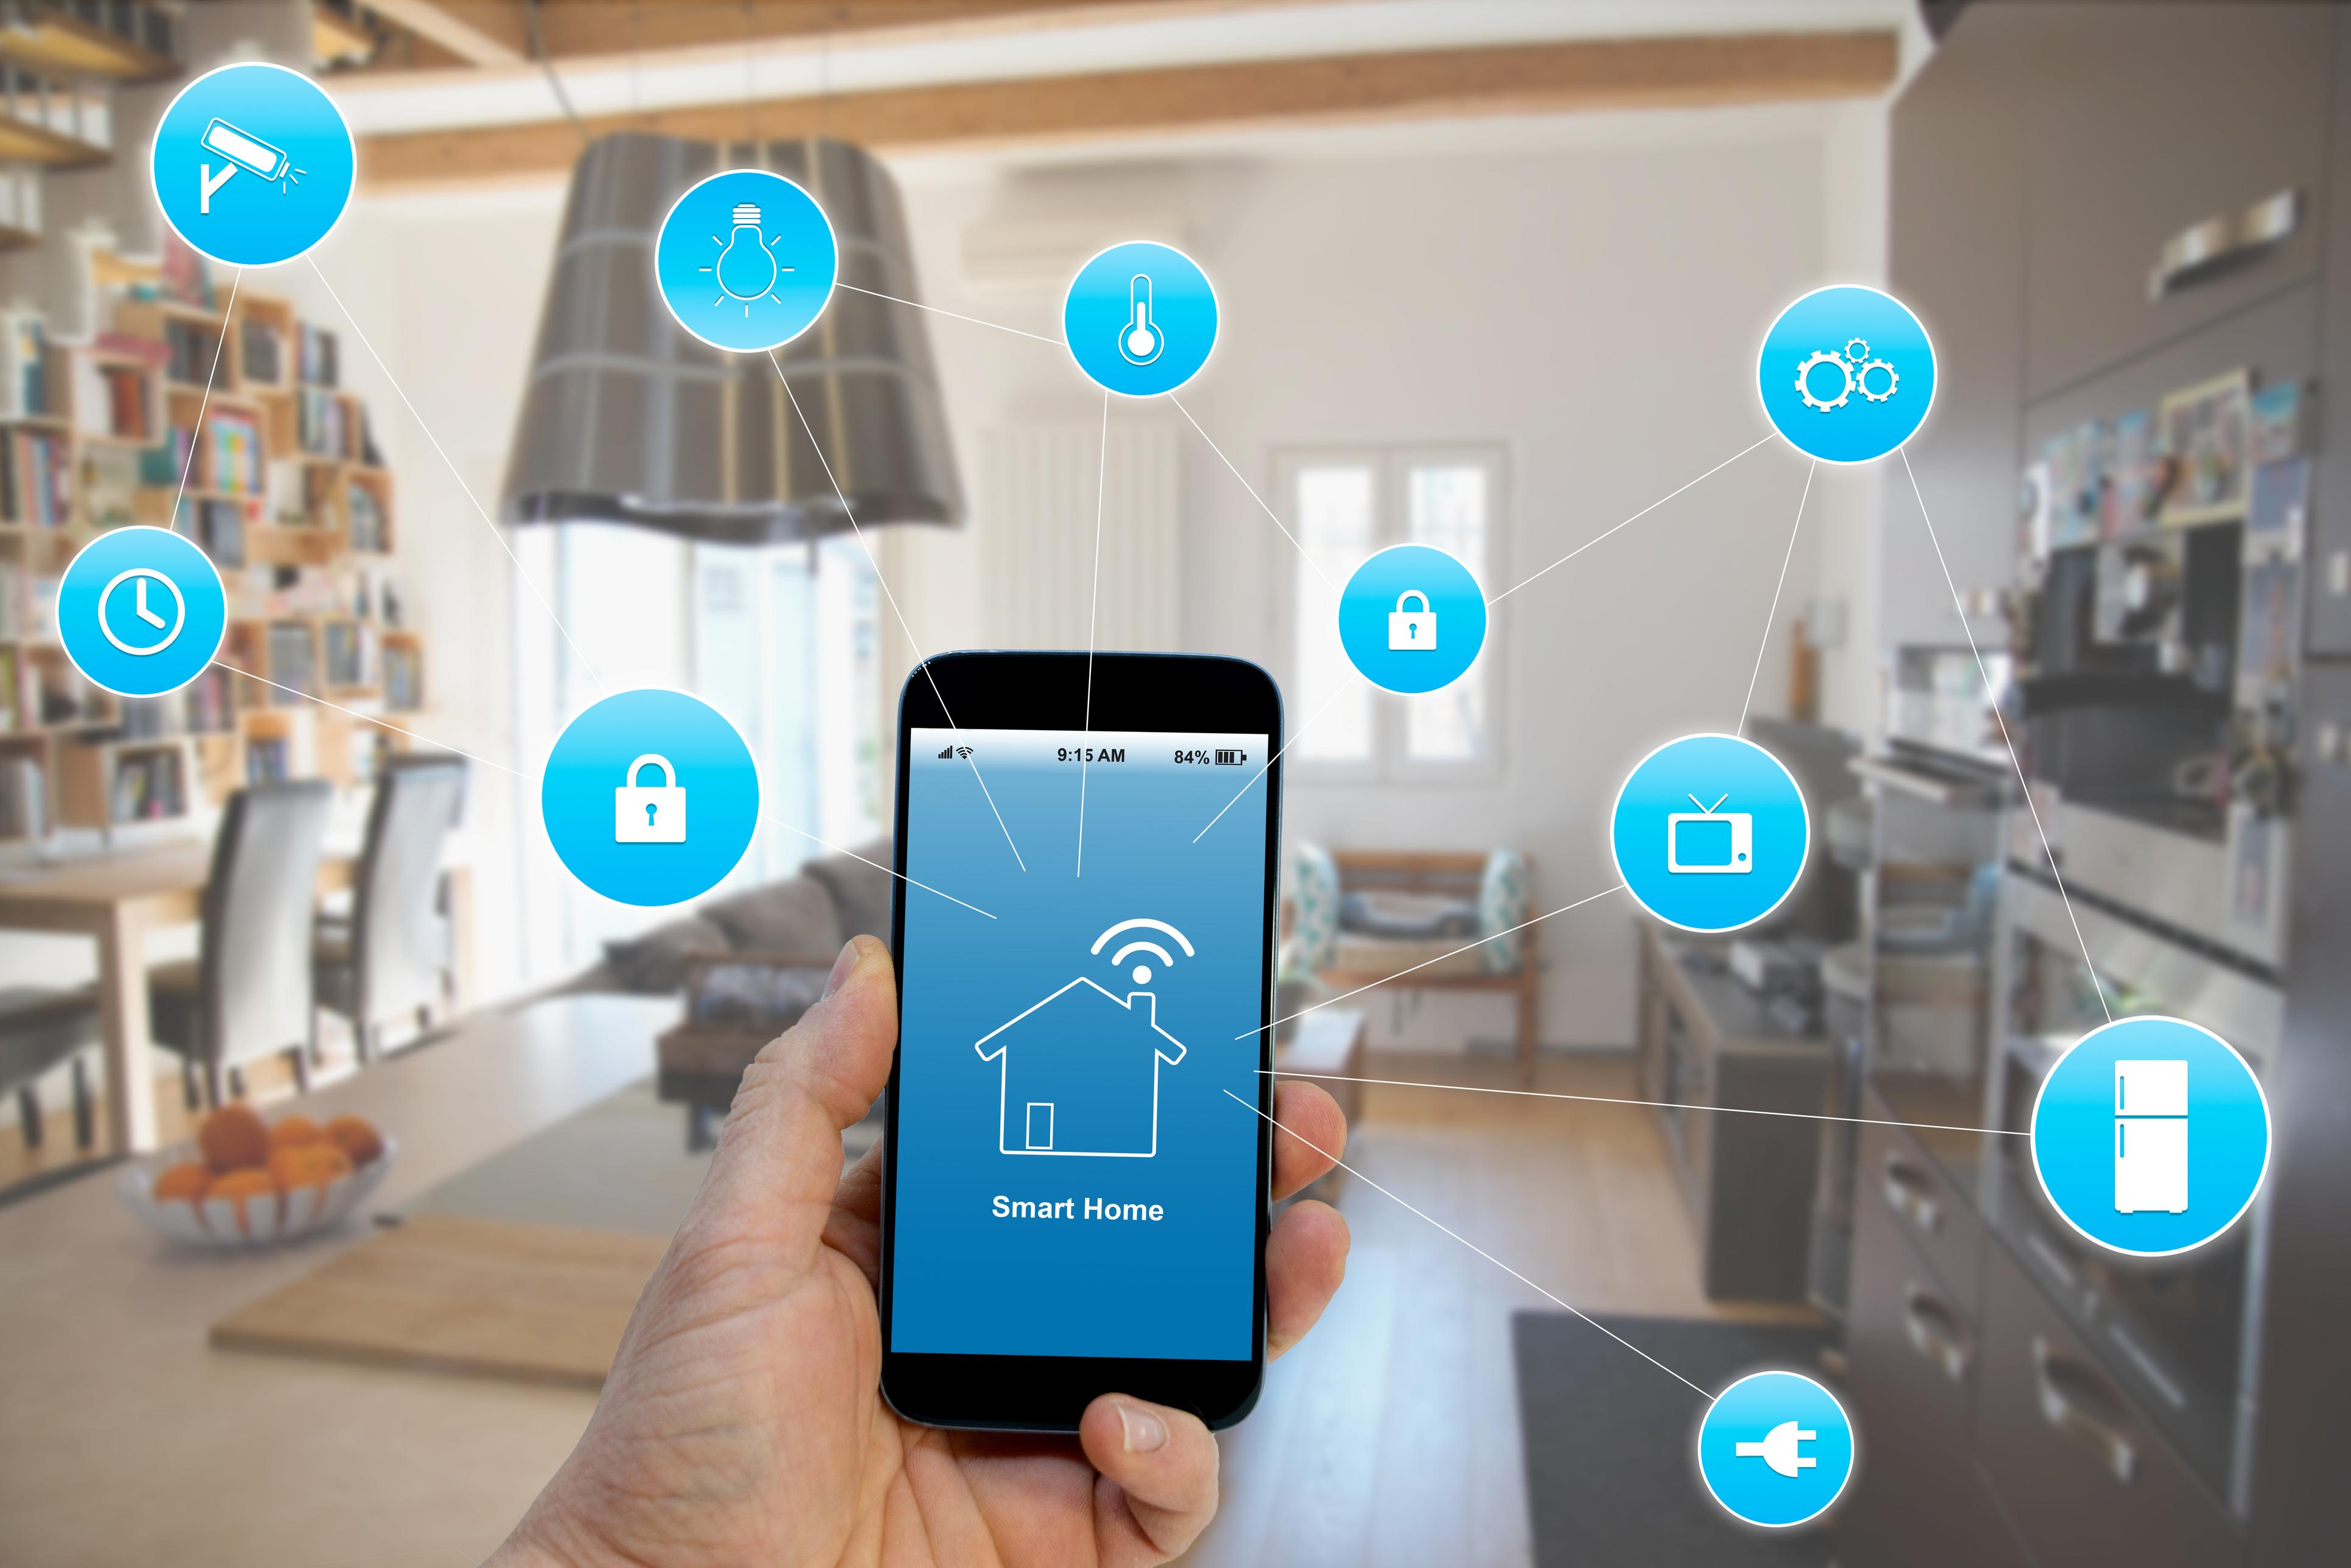 IoT Home nu se află încă la nivelul adopției masive